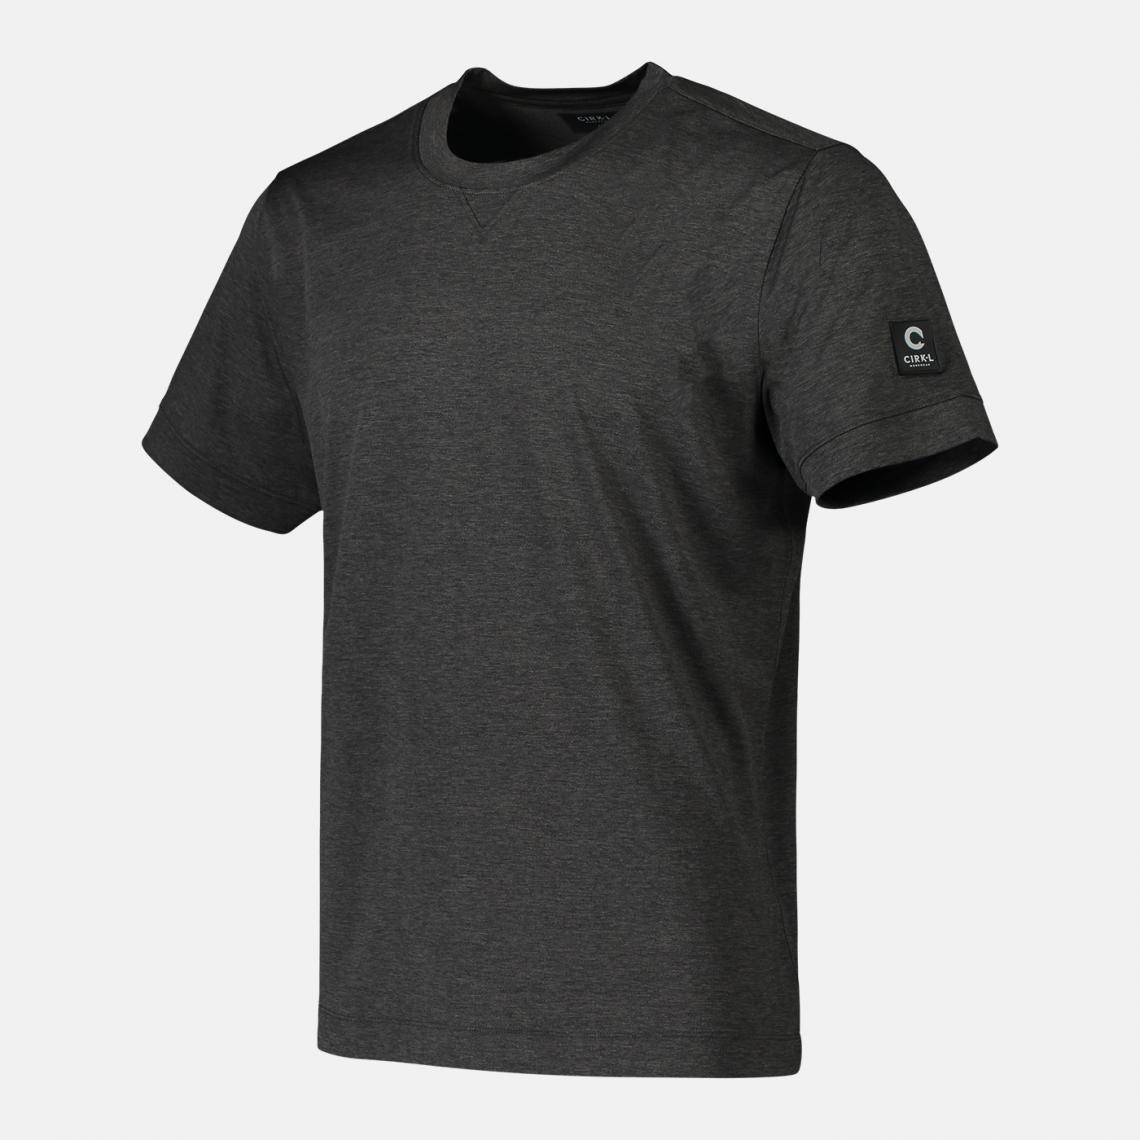 T-shirt av återvunnen polyester